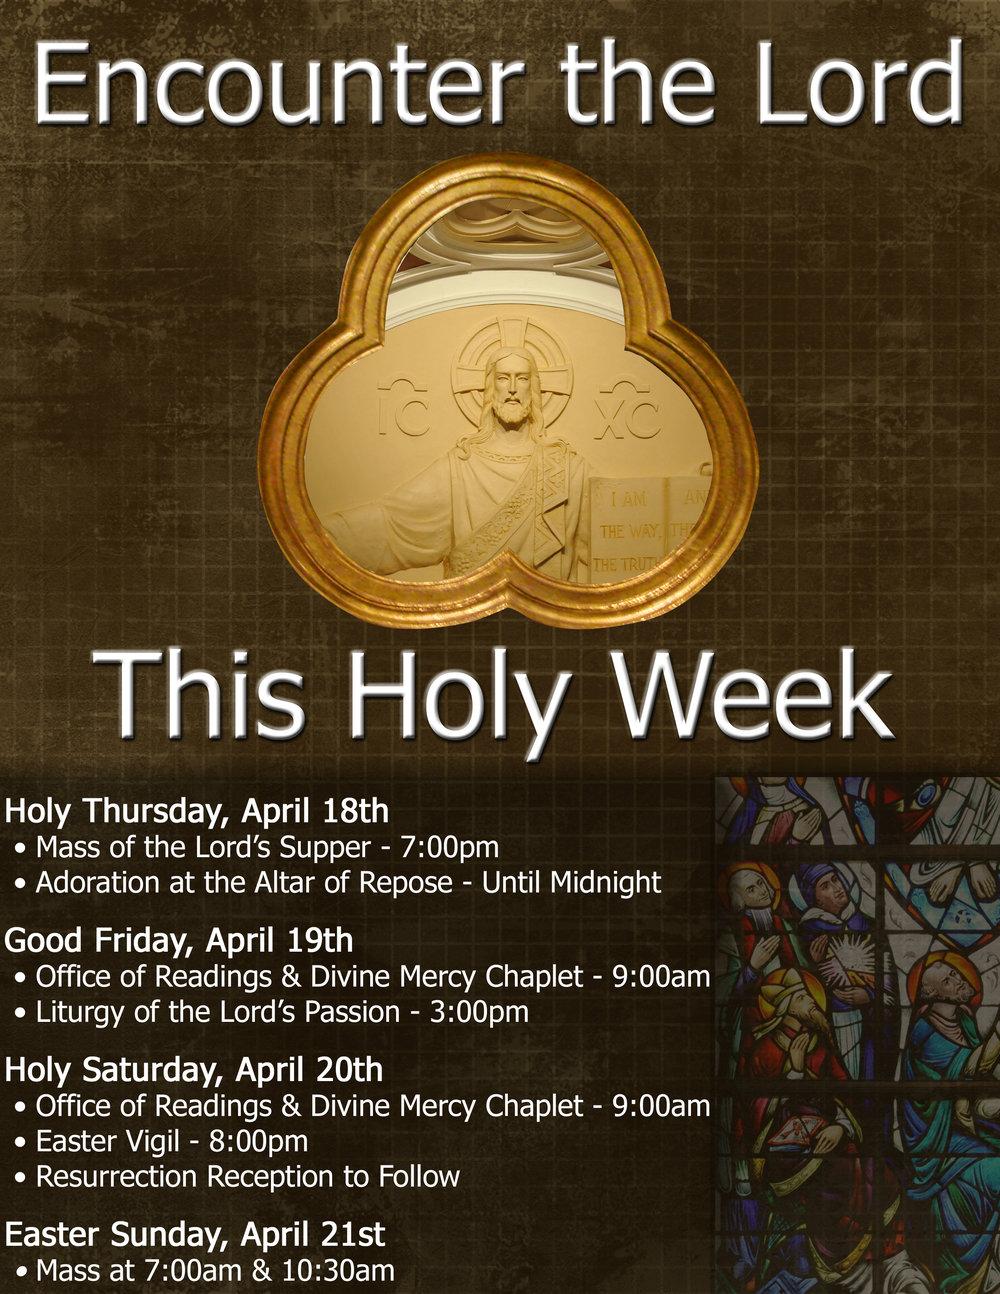 holyweek_2019.jpg